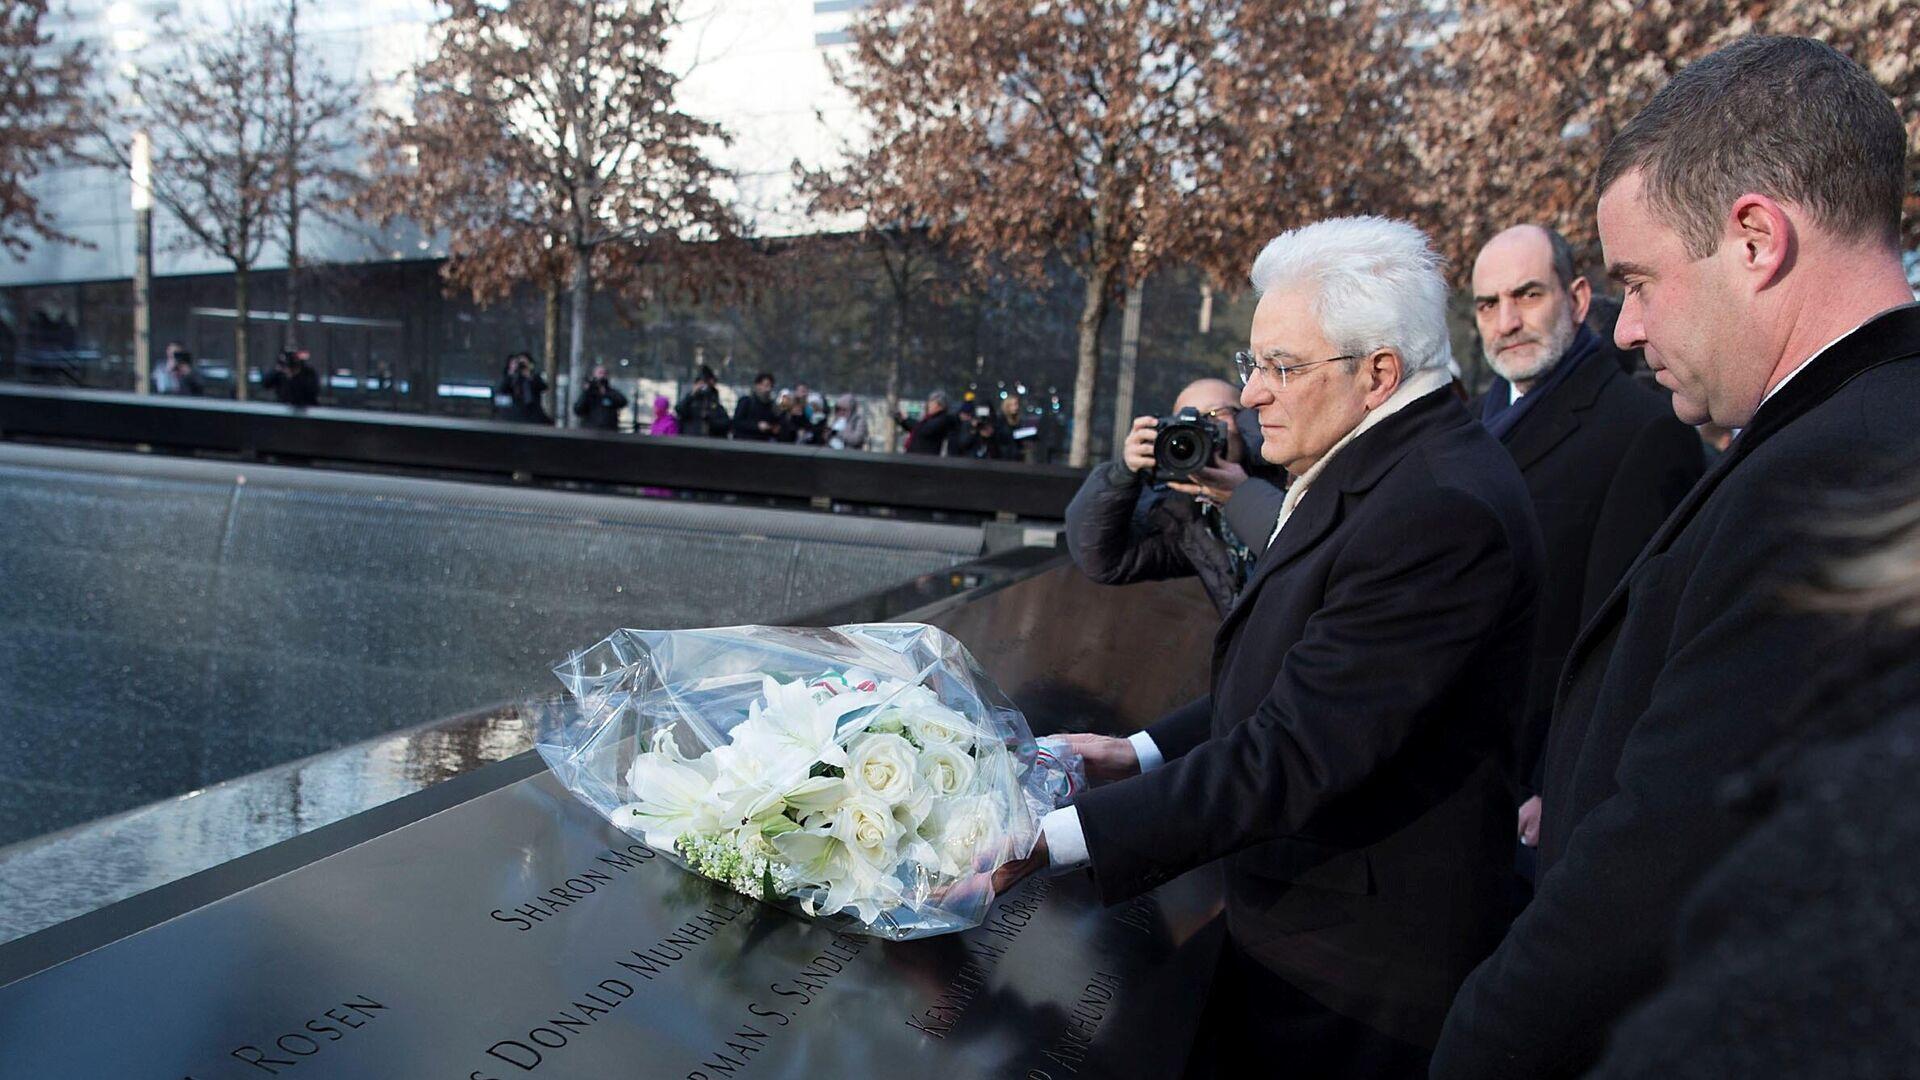 Il Presidente Sergio Mattarella depone un mazzo di fiori al Memoriale dell'11 settembre  - Sputnik Italia, 1920, 11.09.2021